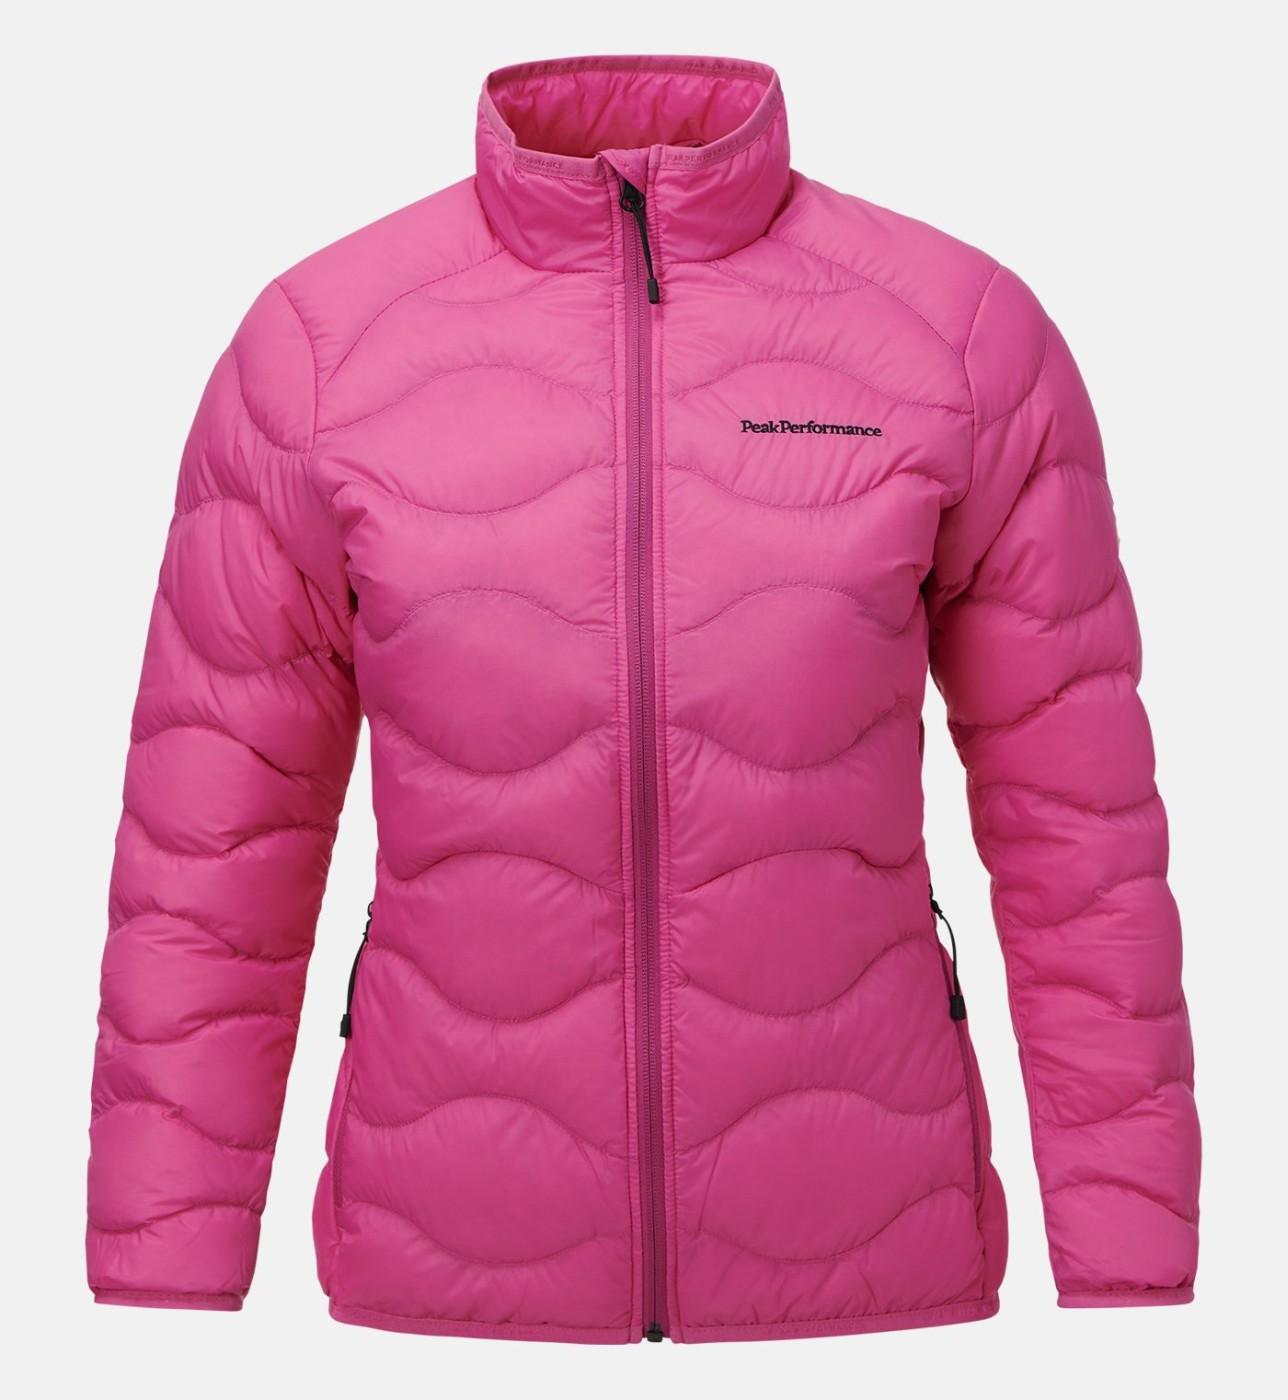 7de86a6e22c870 Peak Performance Women s Down Helium Jacket Vibrant Pink - us